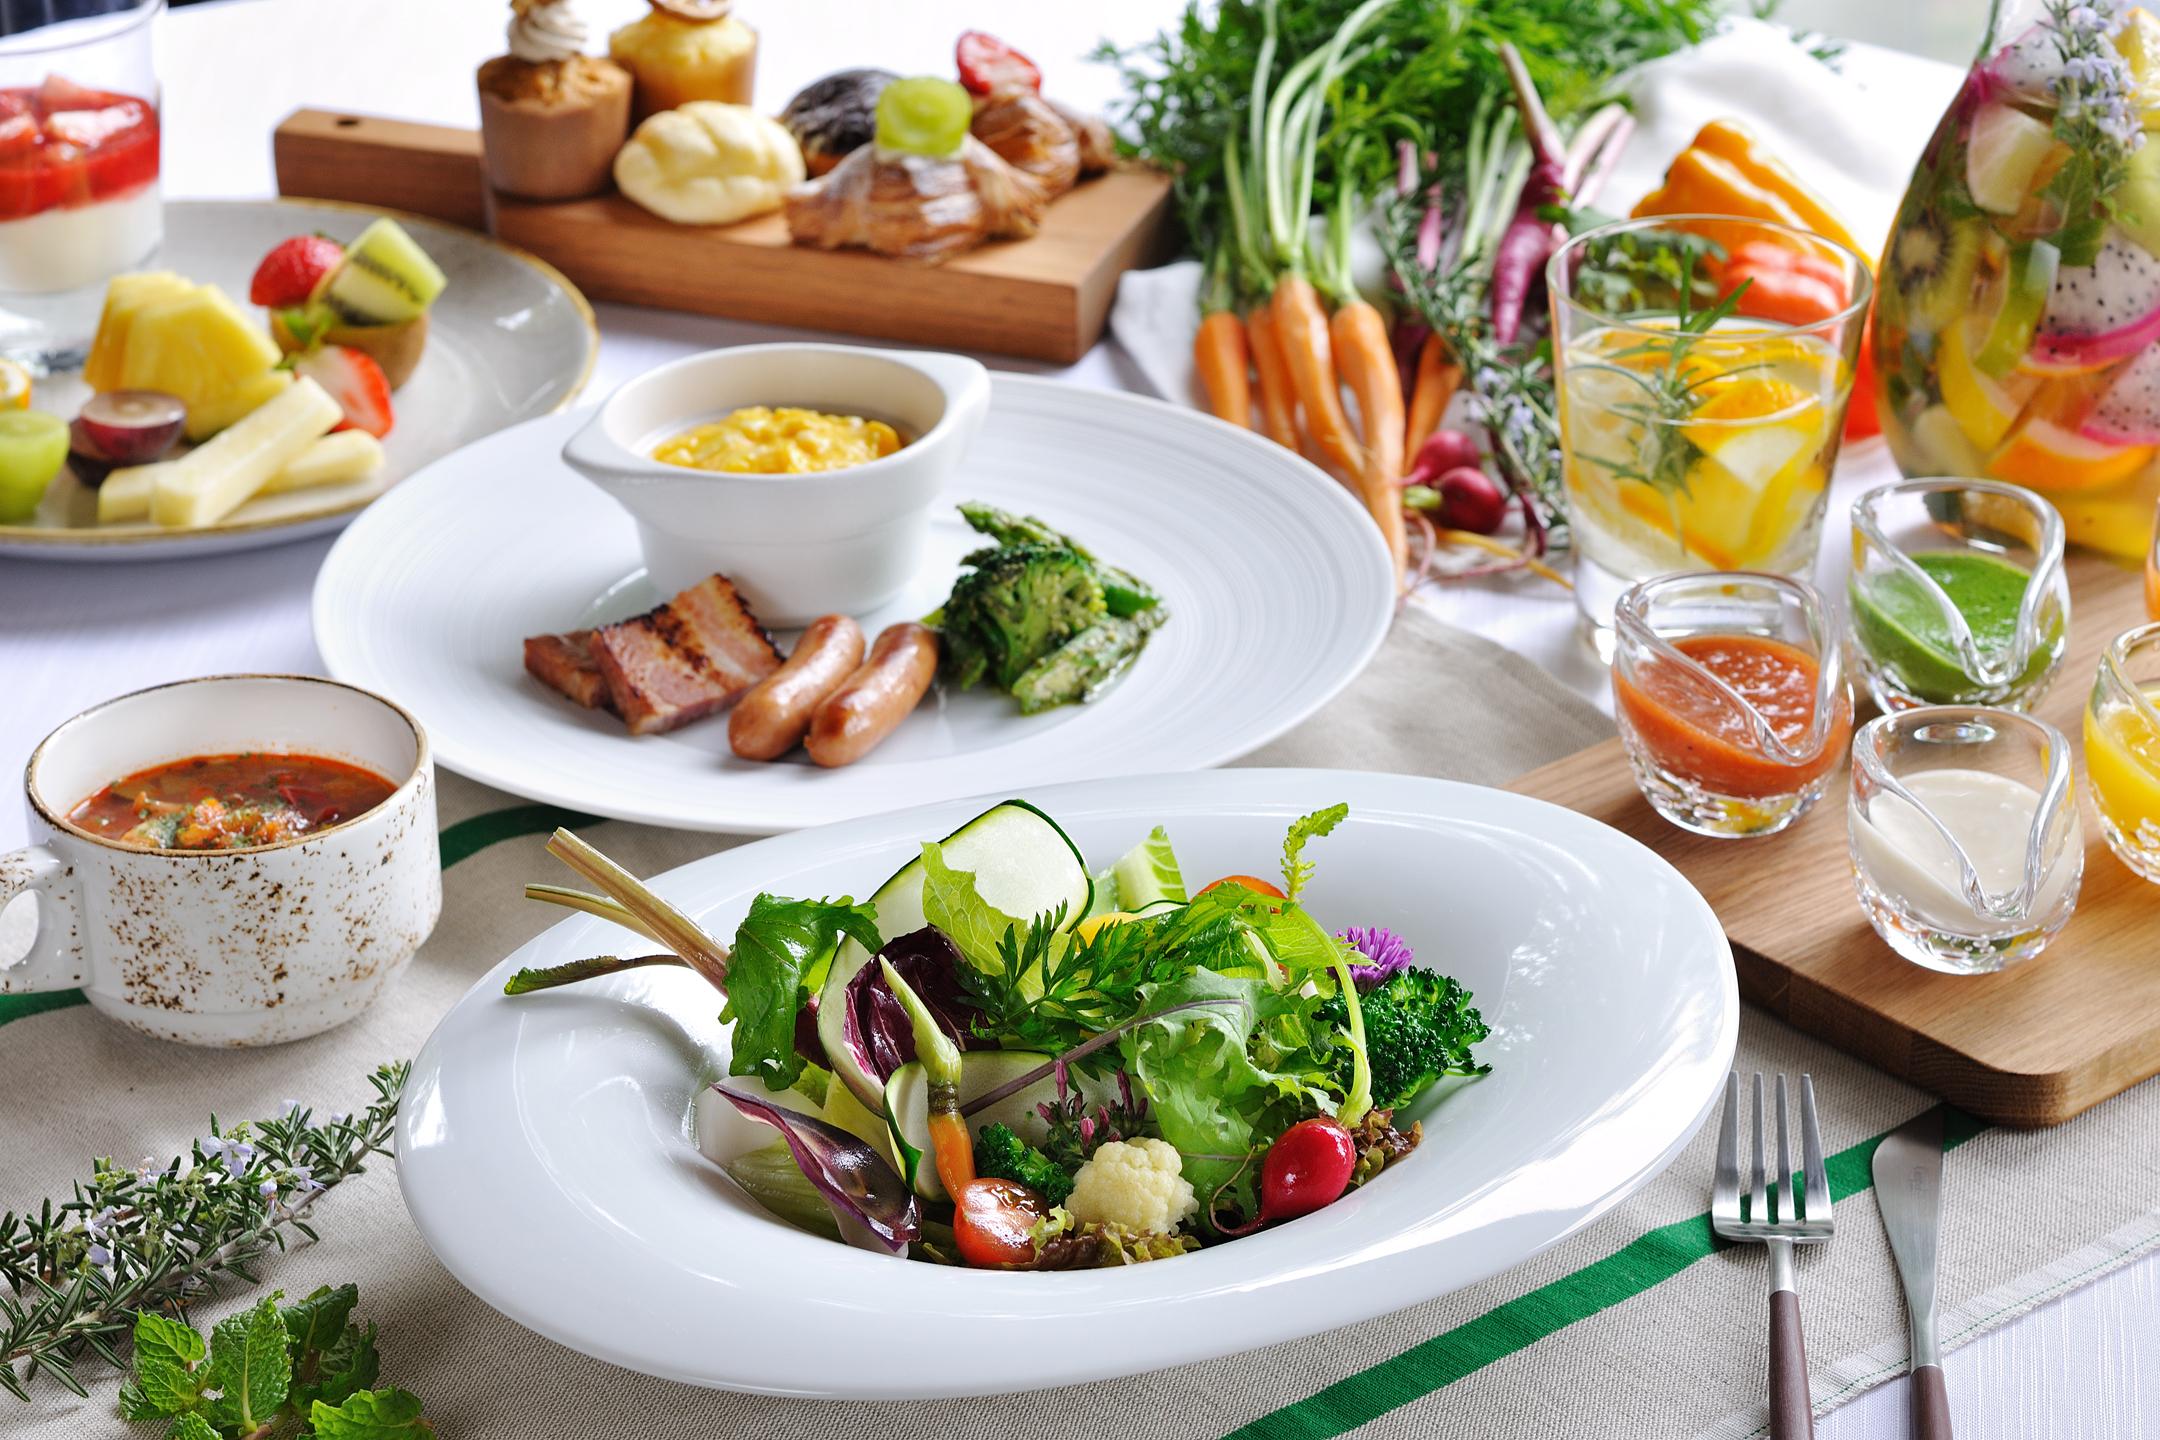 【リゾナーレ那須】朝食 SHAKI SHAKI